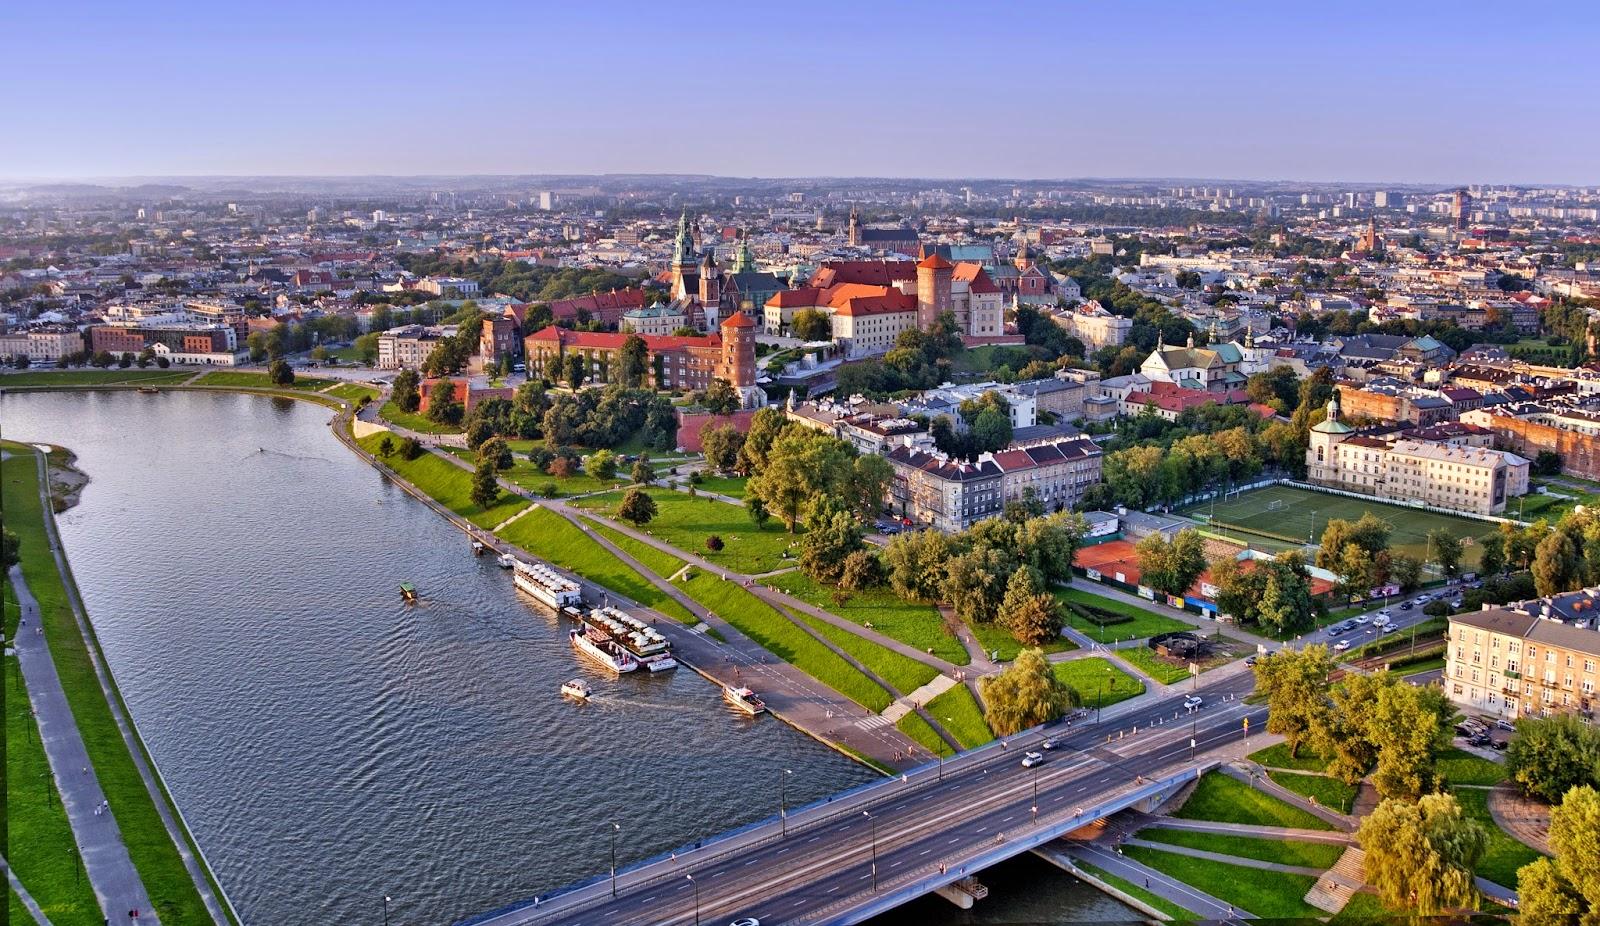 Krakow How To Do It: Wisla River